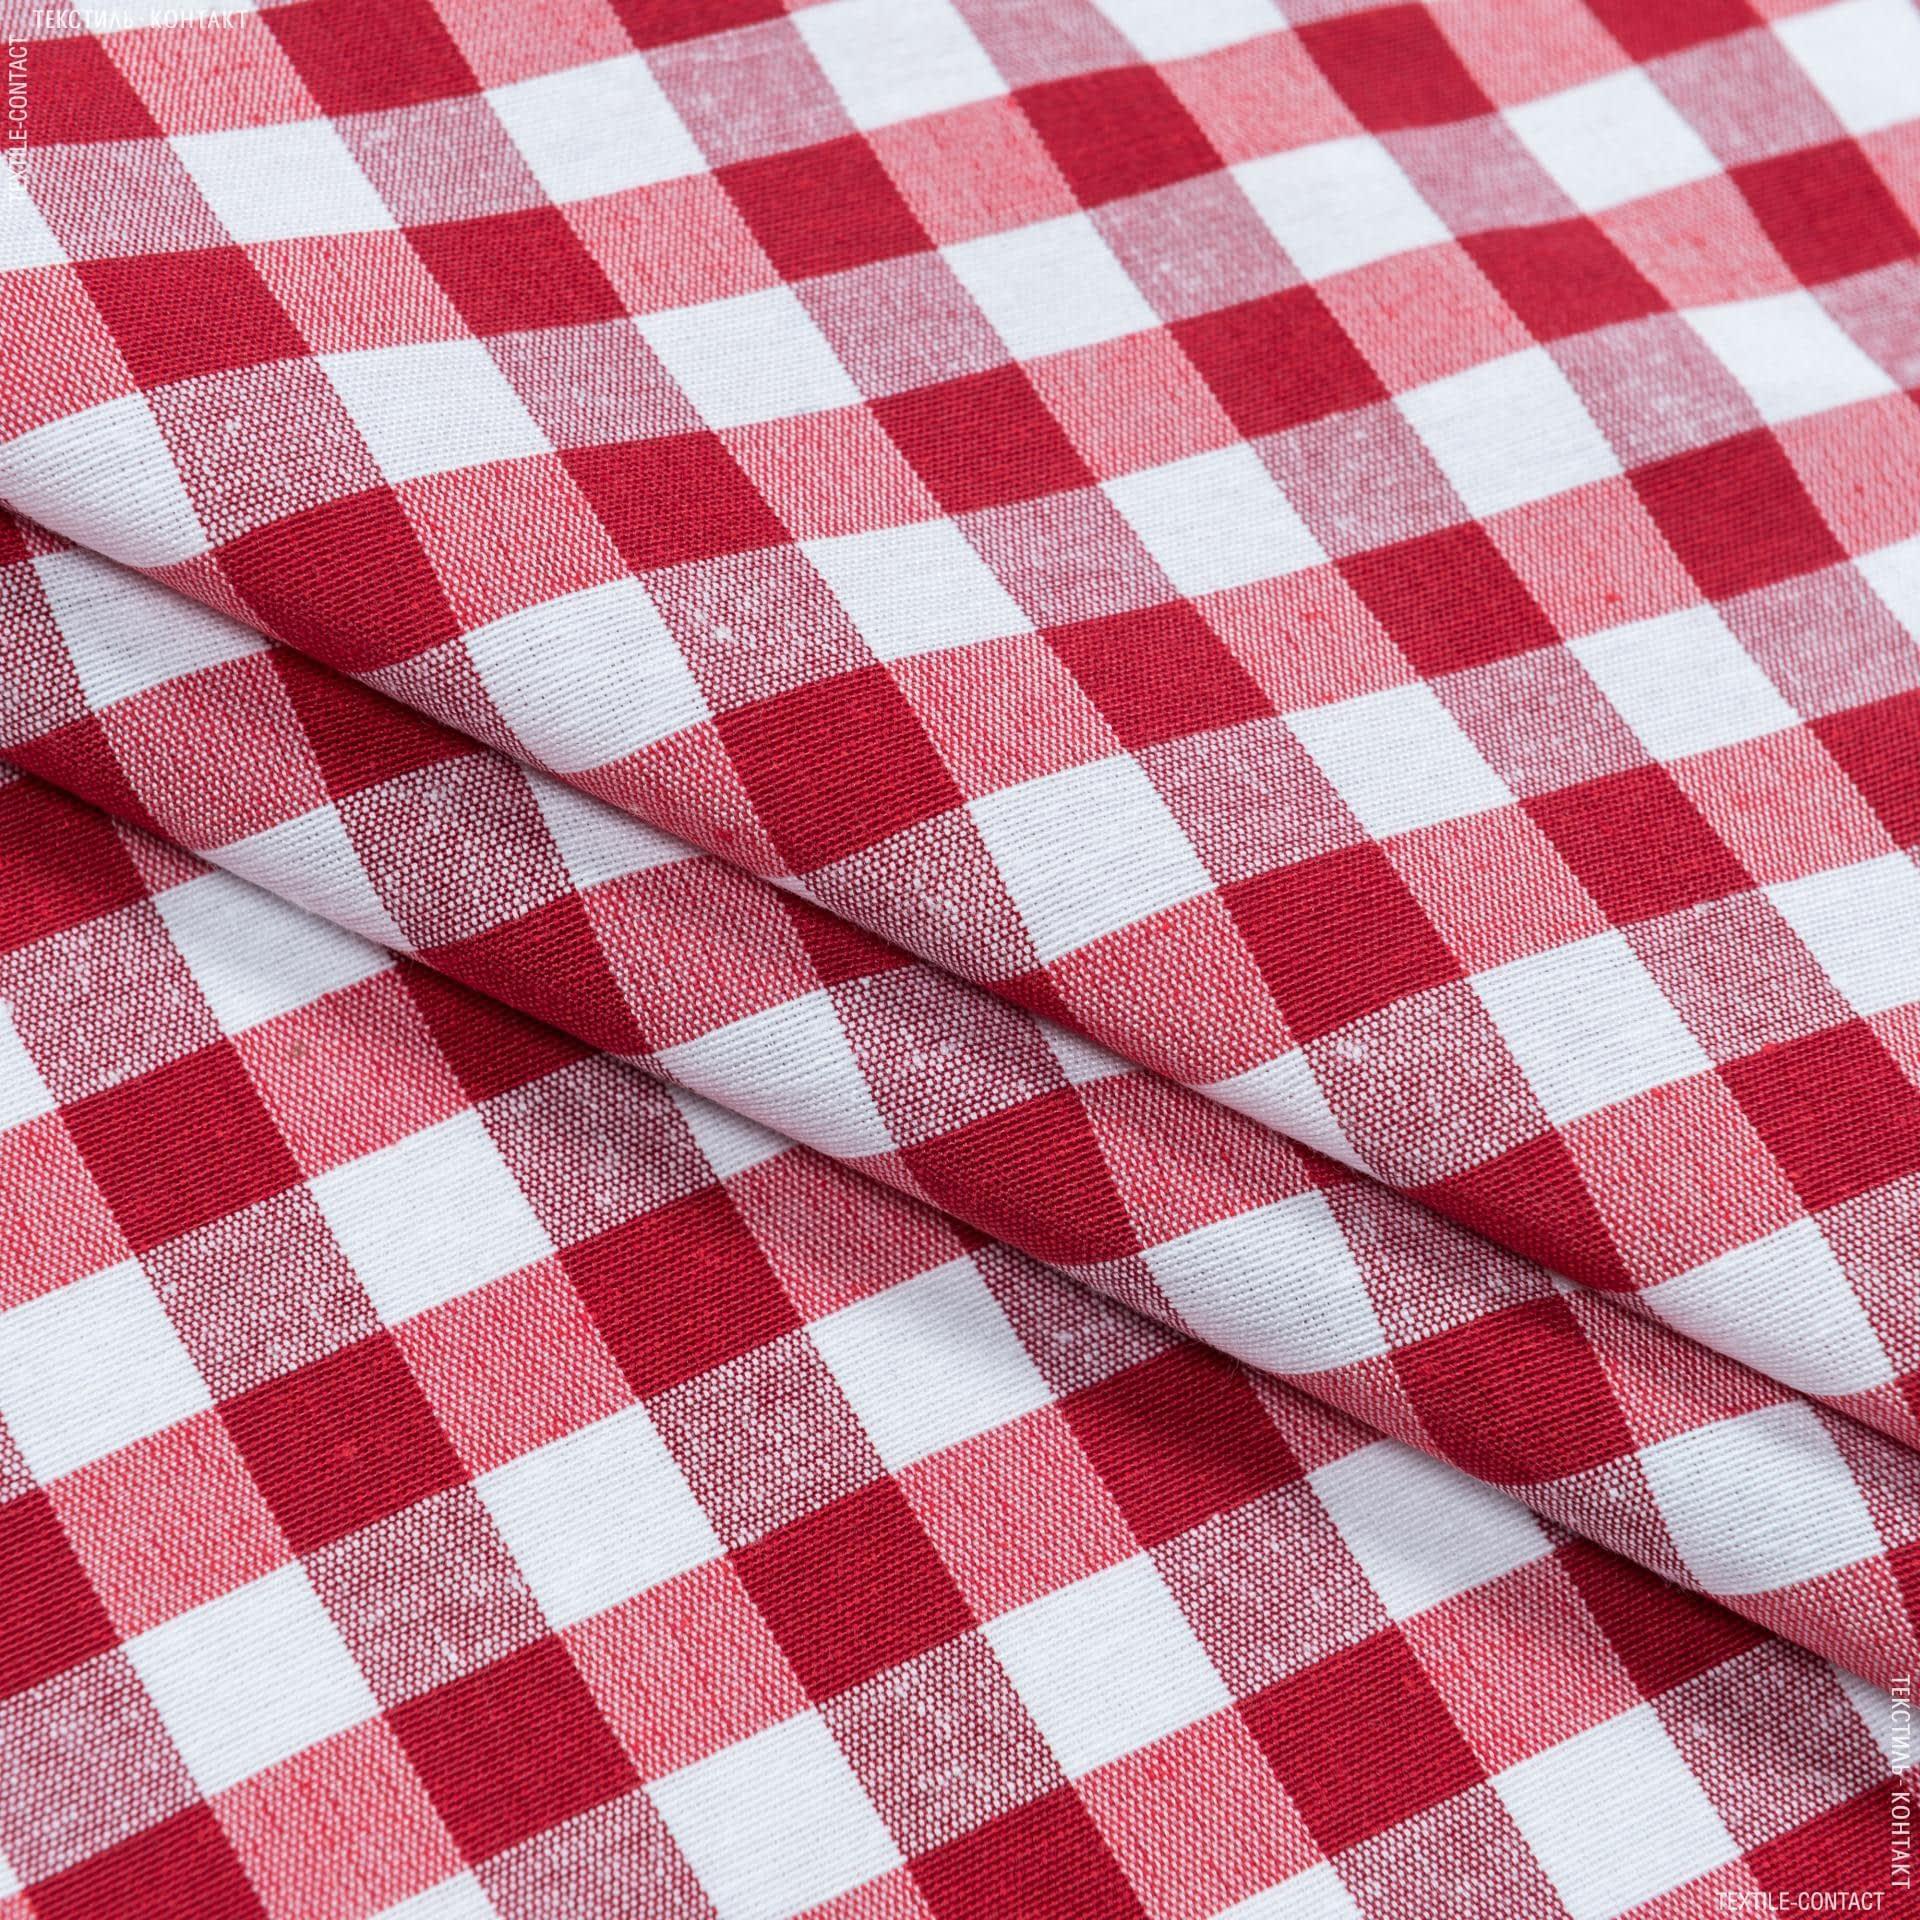 Ткани портьерные ткани - Декоративная ткань клетка средняя зафиро/zafiro   бордовый